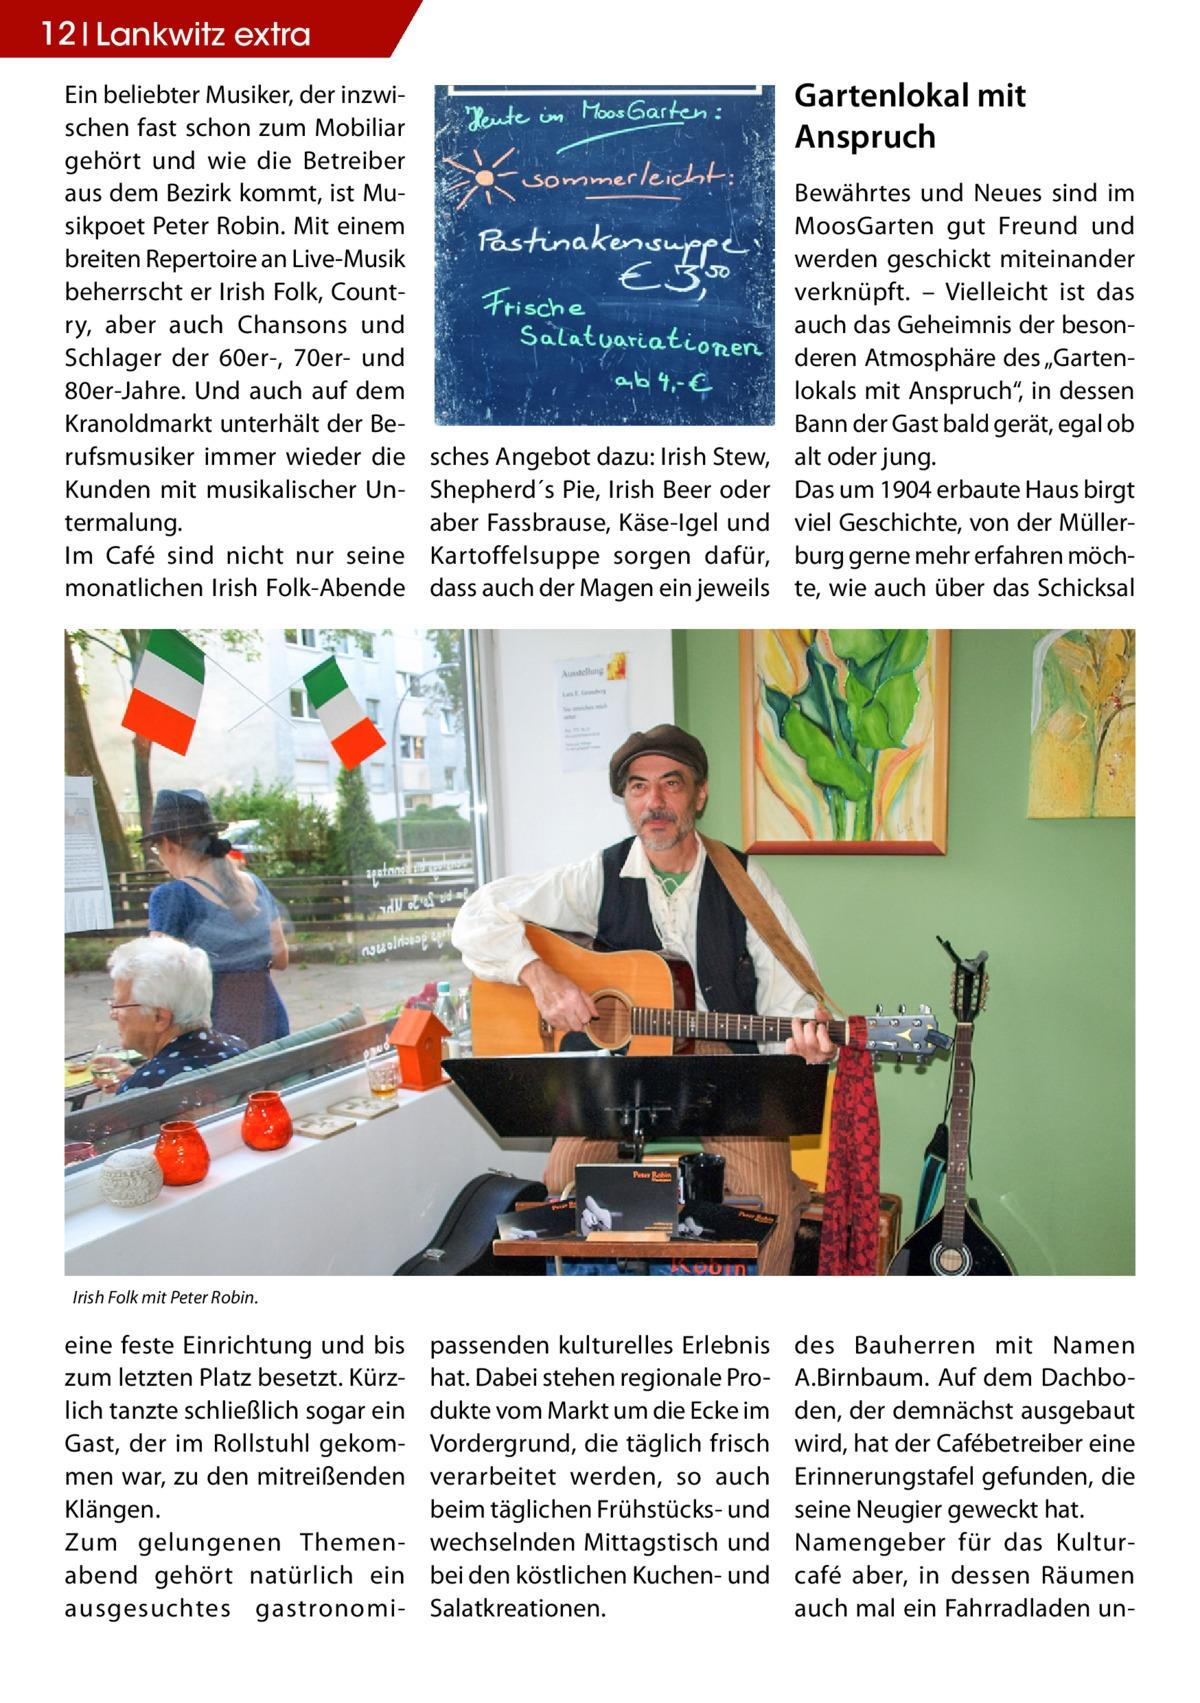 """12 Lankwitz STLW extra Ein beliebter Musiker, der inzwischen fast schon zum Mobiliar gehört und wie die Betreiber aus dem Bezirk kommt, ist Musikpoet Peter Robin. Mit einem breiten Repertoire an Live-Musik beherrscht er Irish Folk, Country, aber auch Chansons und Schlager der 60er-, 70er- und 80er-Jahre. Und auch auf dem Kranoldmarkt unterhält der Berufsmusiker immer wieder die Kunden mit musikalischer Untermalung. Im Café sind nicht nur seine monatlichen Irish Folk-Abende  Gartenlokal mit Anspruch  sches Angebot dazu: Irish Stew, Shepherd´s Pie, Irish Beer oder aber Fassbrause, Käse-Igel und Kartoffelsuppe sorgen dafür, dass auch der Magen ein jeweils  Bewährtes und Neues sind im MoosGarten gut Freund und werden geschickt miteinander verknüpft. – Vielleicht ist das auch das Geheimnis der besonderen Atmosphäre des """"Gartenlokals mit Anspruch"""", in dessen Bann der Gast bald gerät, egal ob alt oder jung. Das um 1904 erbaute Haus birgt viel Geschichte, von der Müllerburg gerne mehr erfahren möchte, wie auch über das Schicksal  passenden kulturelles Erlebnis hat. Dabei stehen regionale Produkte vom Markt um die Ecke im Vordergrund, die täglich frisch verarbeitet werden, so auch beim täglichen Frühstücks- und wechselnden Mittagstisch und bei den köstlichen Kuchen- und Salatkreationen.  des Bauherren mit Namen A.Birnbaum. Auf dem Dachboden, der demnächst ausgebaut wird, hat der Cafébetreiber eine Erinnerungstafel gefunden, die seine Neugier geweckt hat. Namengeber für das Kulturcafé aber, in dessen Räumen auch mal ein Fahrradladen un Irish Folk mit Peter Robin.  eine feste Einrichtung und bis zum letzten Platz besetzt. Kürzlich tanzte schließlich sogar ein Gast, der im Rollstuhl gekommen war, zu den mitreißenden Klängen. Zum gelungenen Themenabend gehört natürlich ein ausgesuchtes gastronom"""